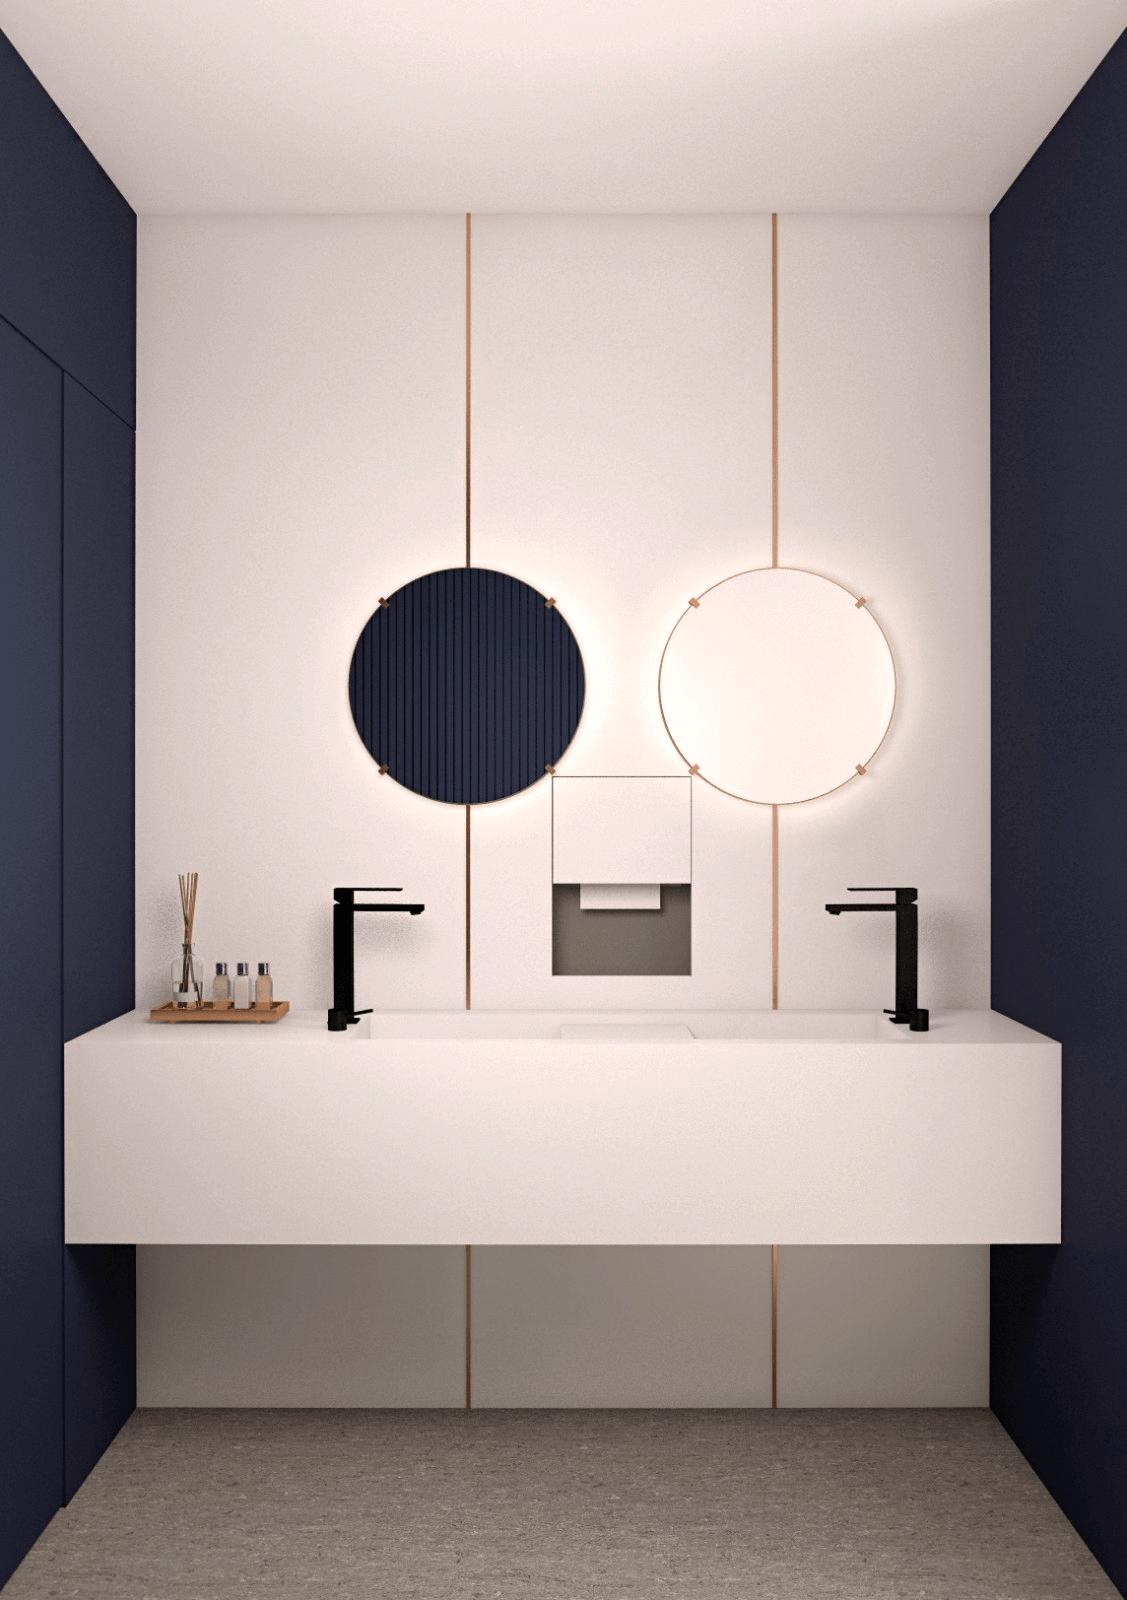 DELAB – mirror